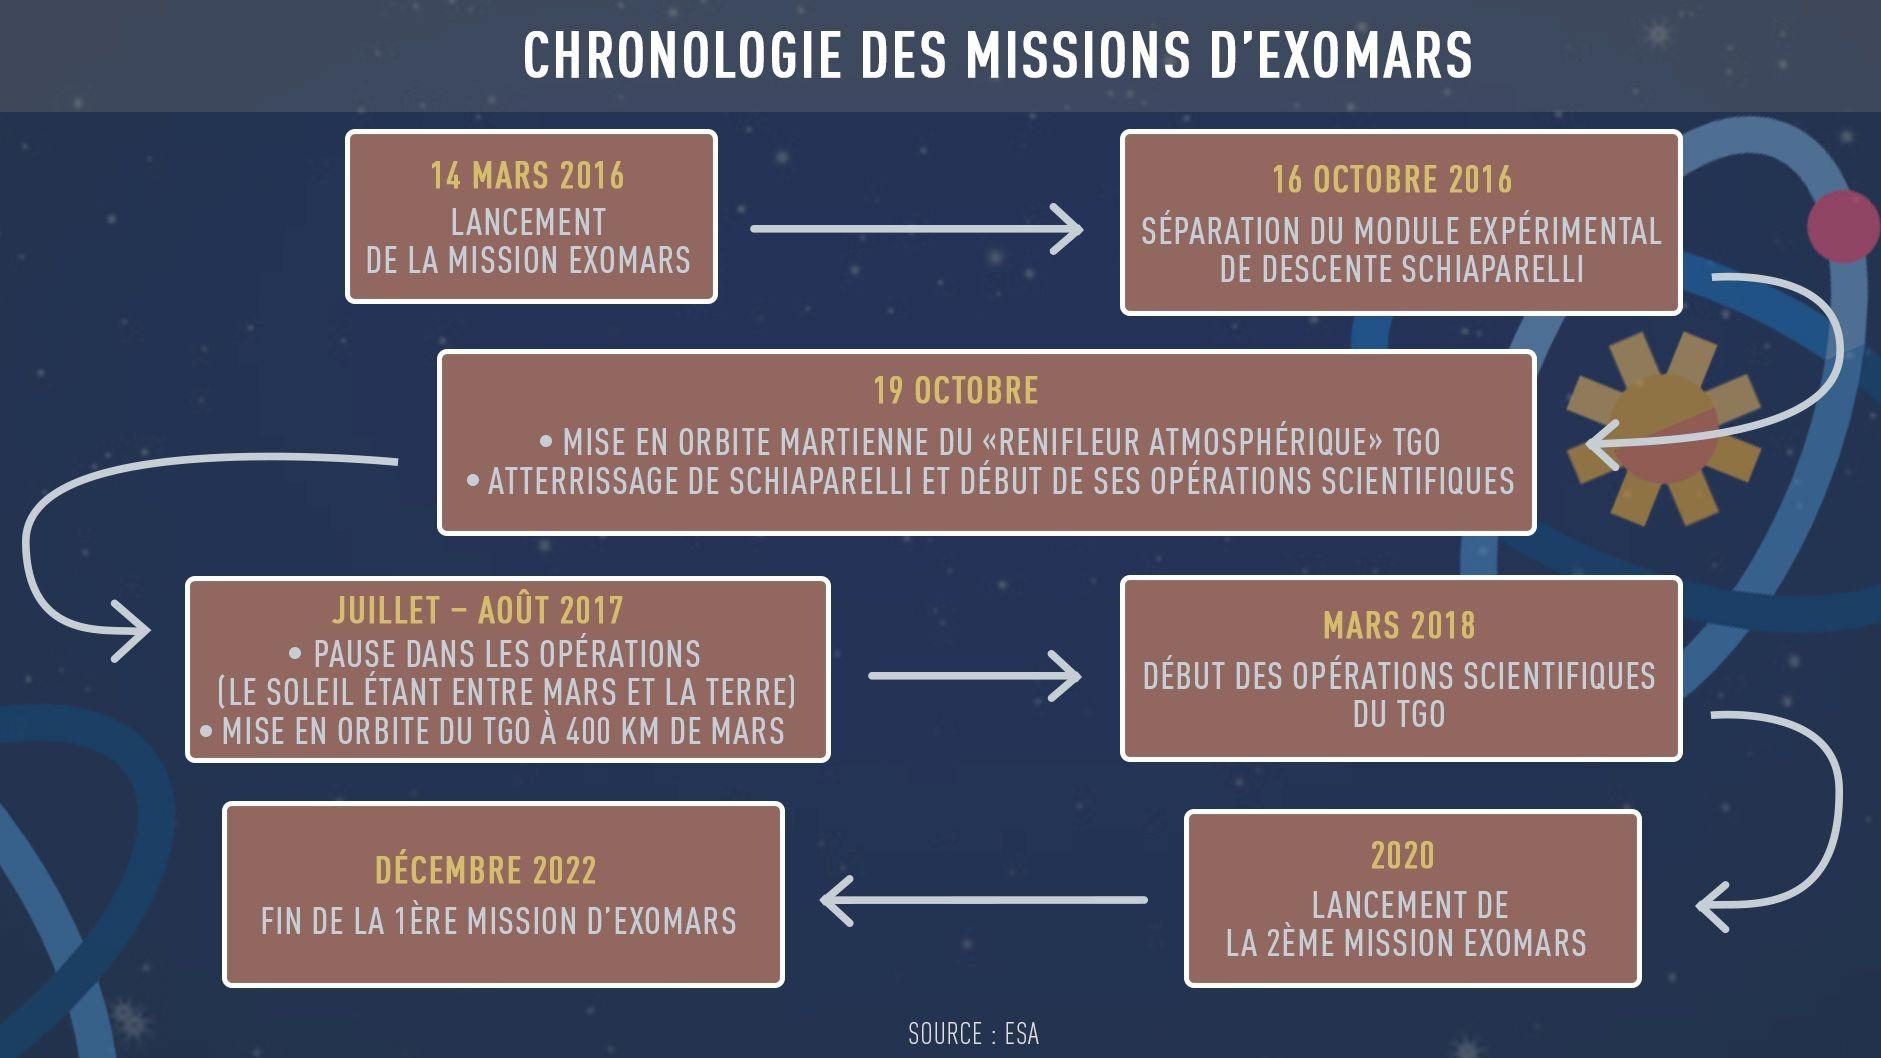 Après sept mois de voyage, ExoMars doit atteindre le sol de Mars